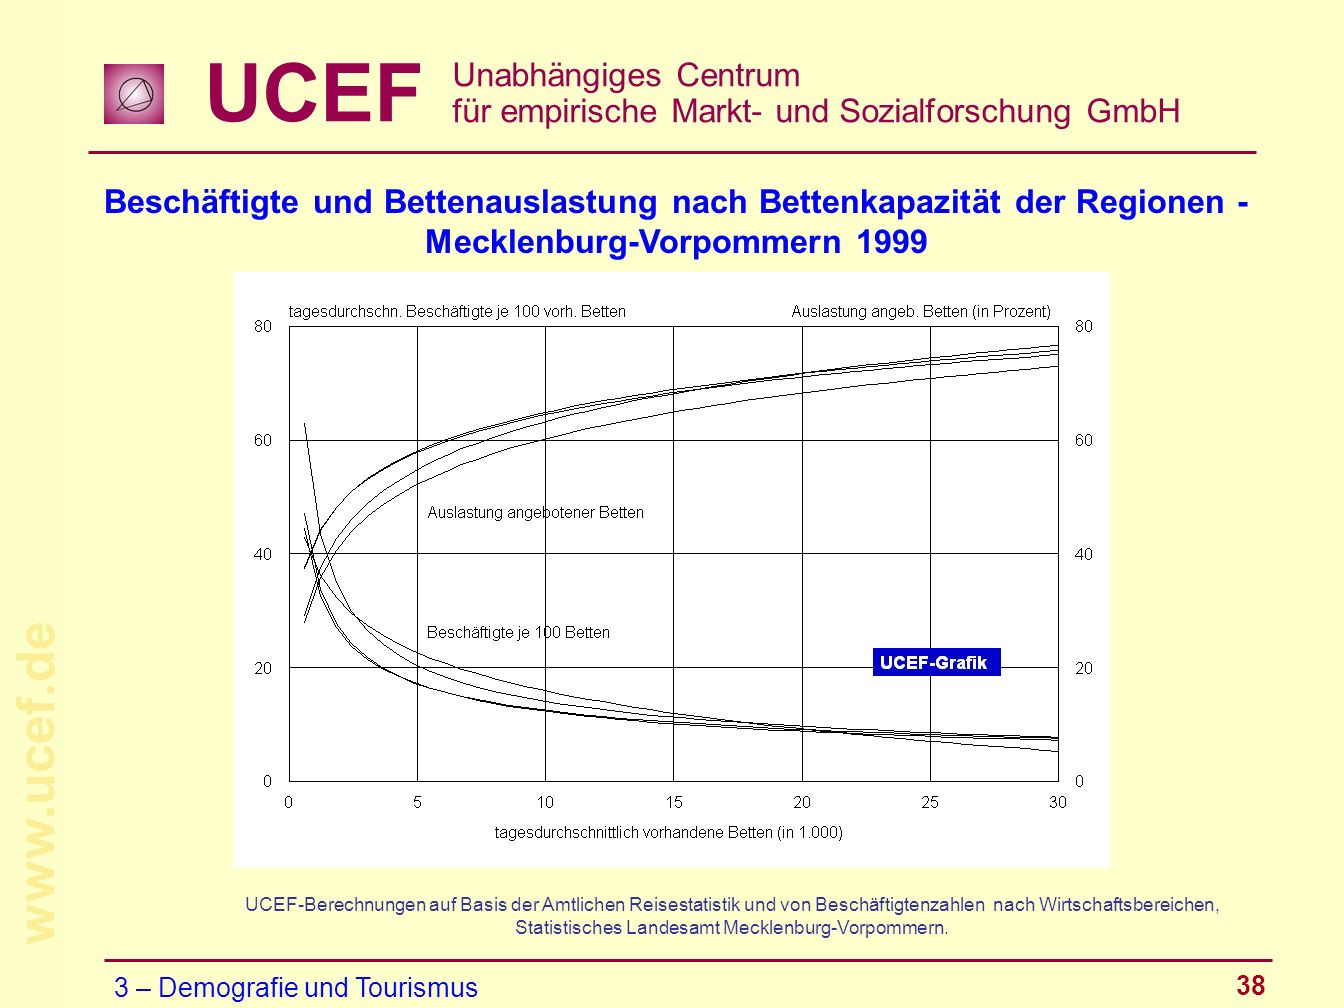 Beschäftigte und Bettenauslastung nach Bettenkapazität der Regionen -